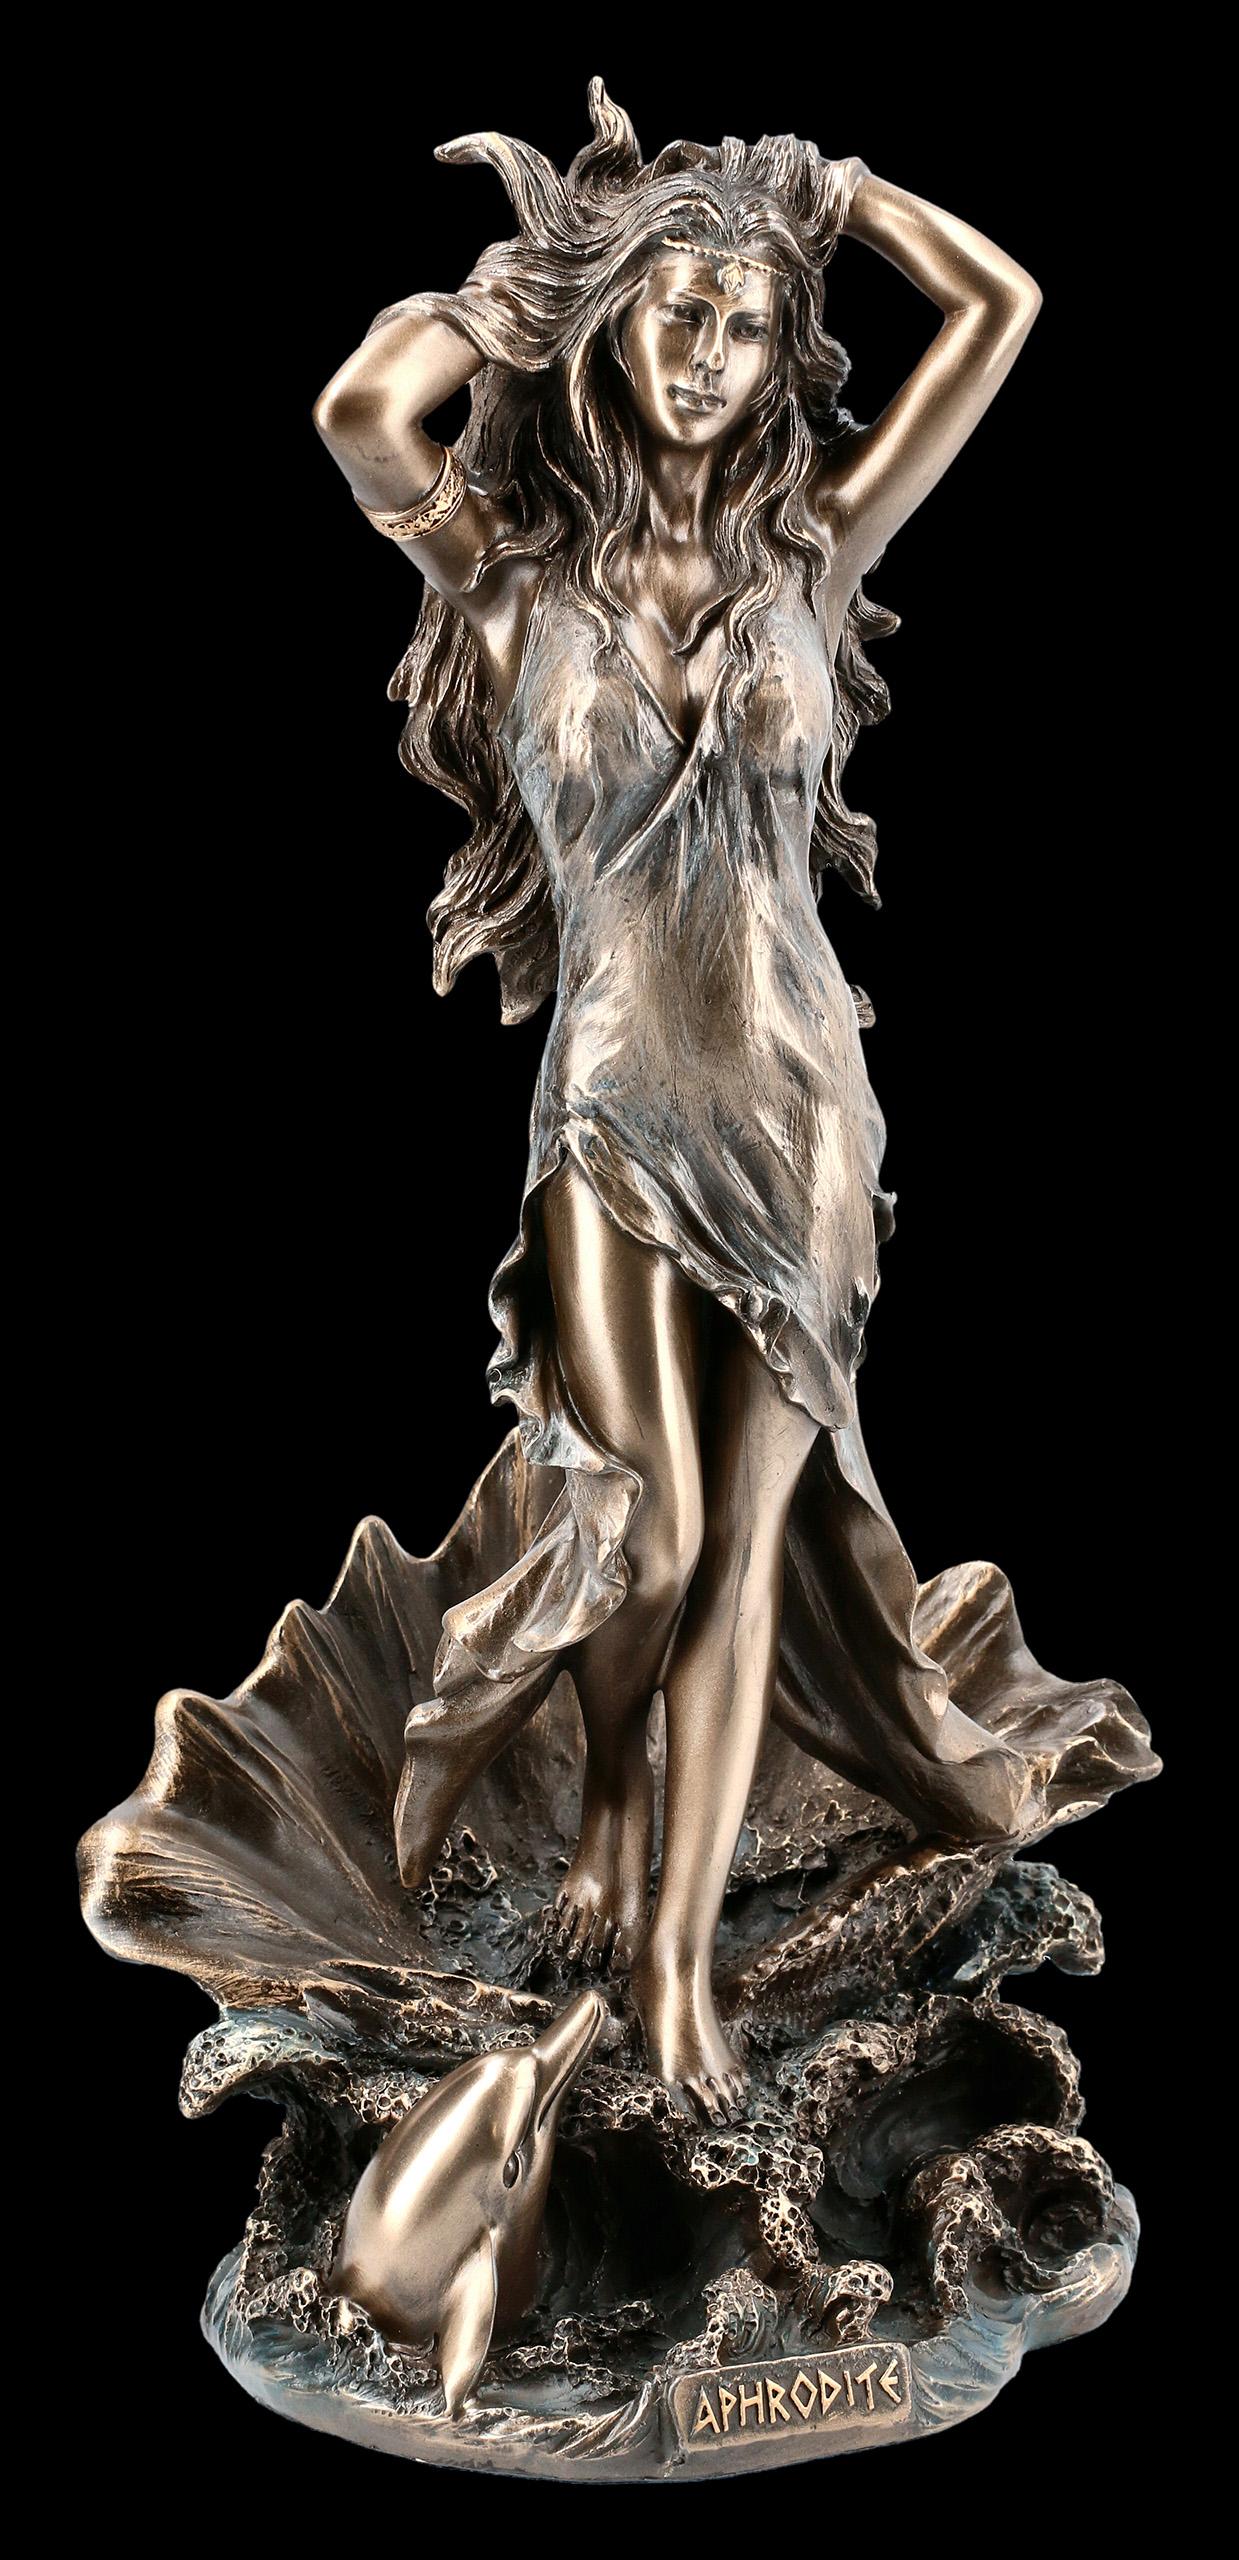 Griechische göttin der zauberei